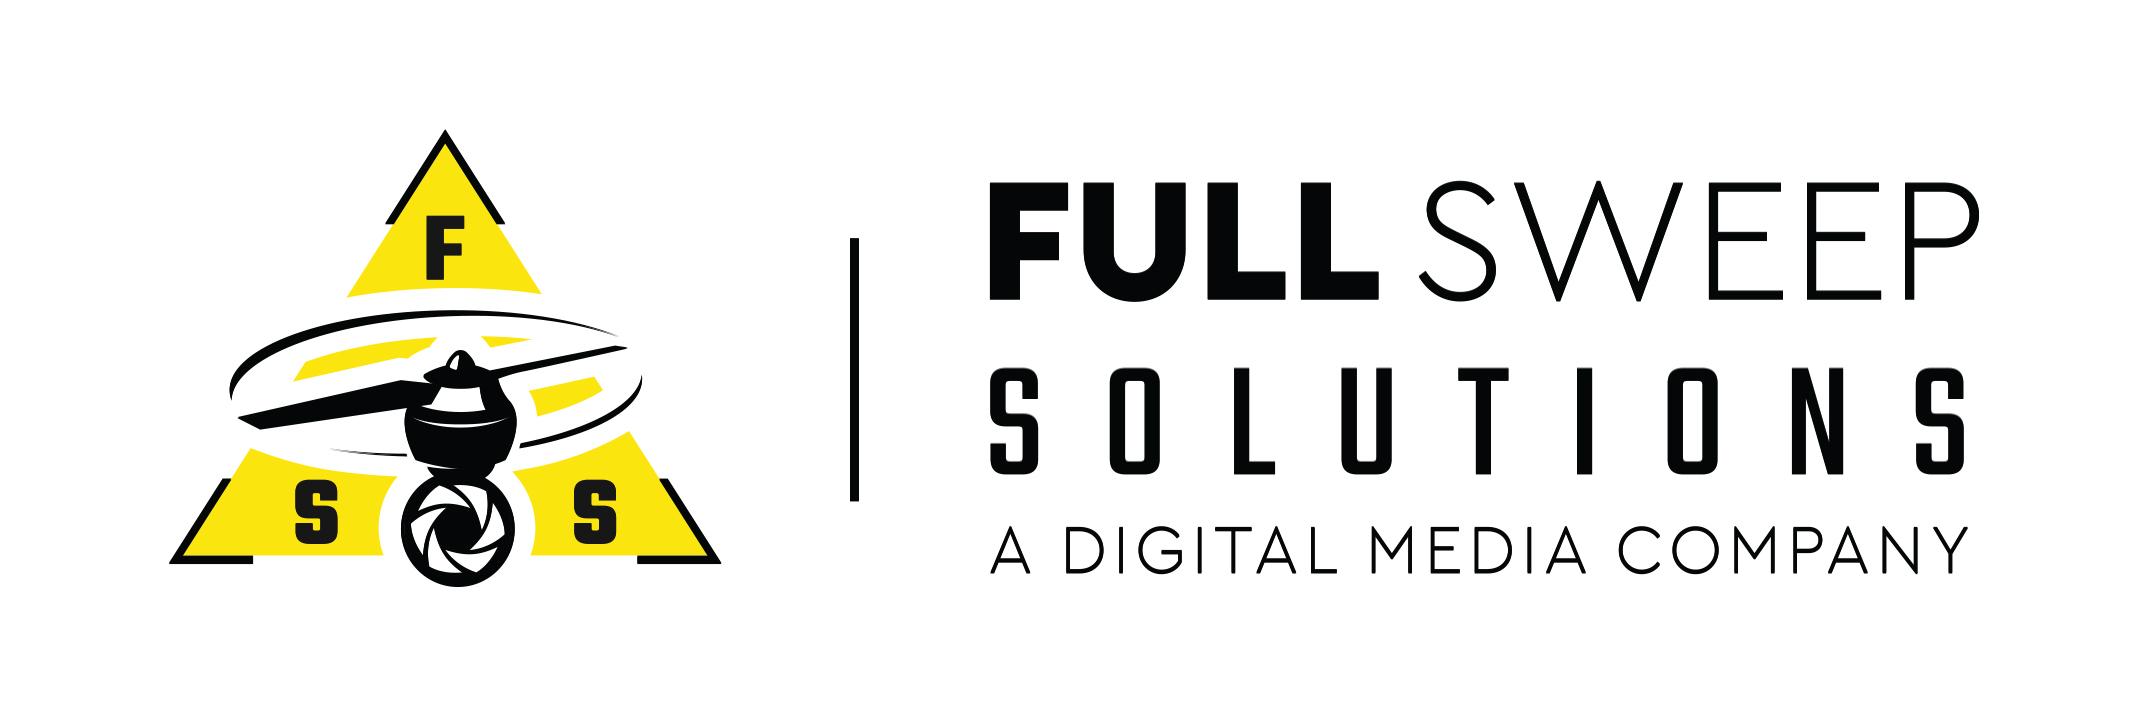 Full Sweet Solutions Digital Media